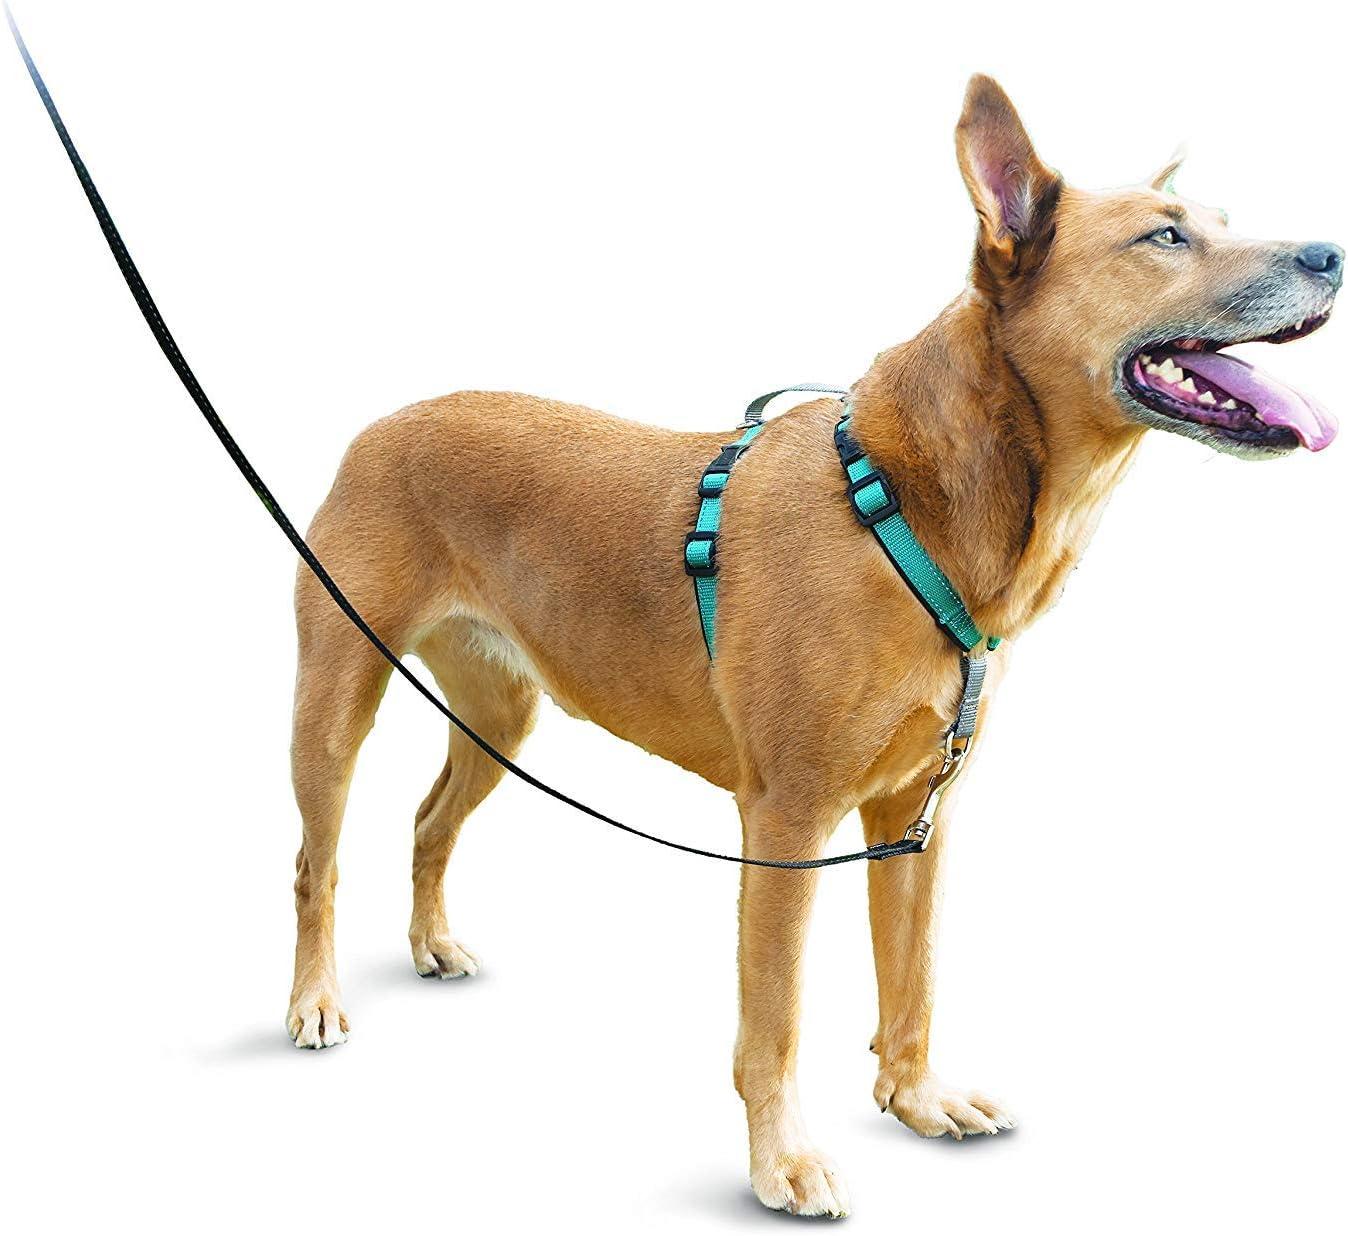 Petsafe 3 In 1 Hundegeschirr Xs Schwarz Autosicherheitsgeschirr Kein Ziehen Reflektoren Geschirrgriff Haustier